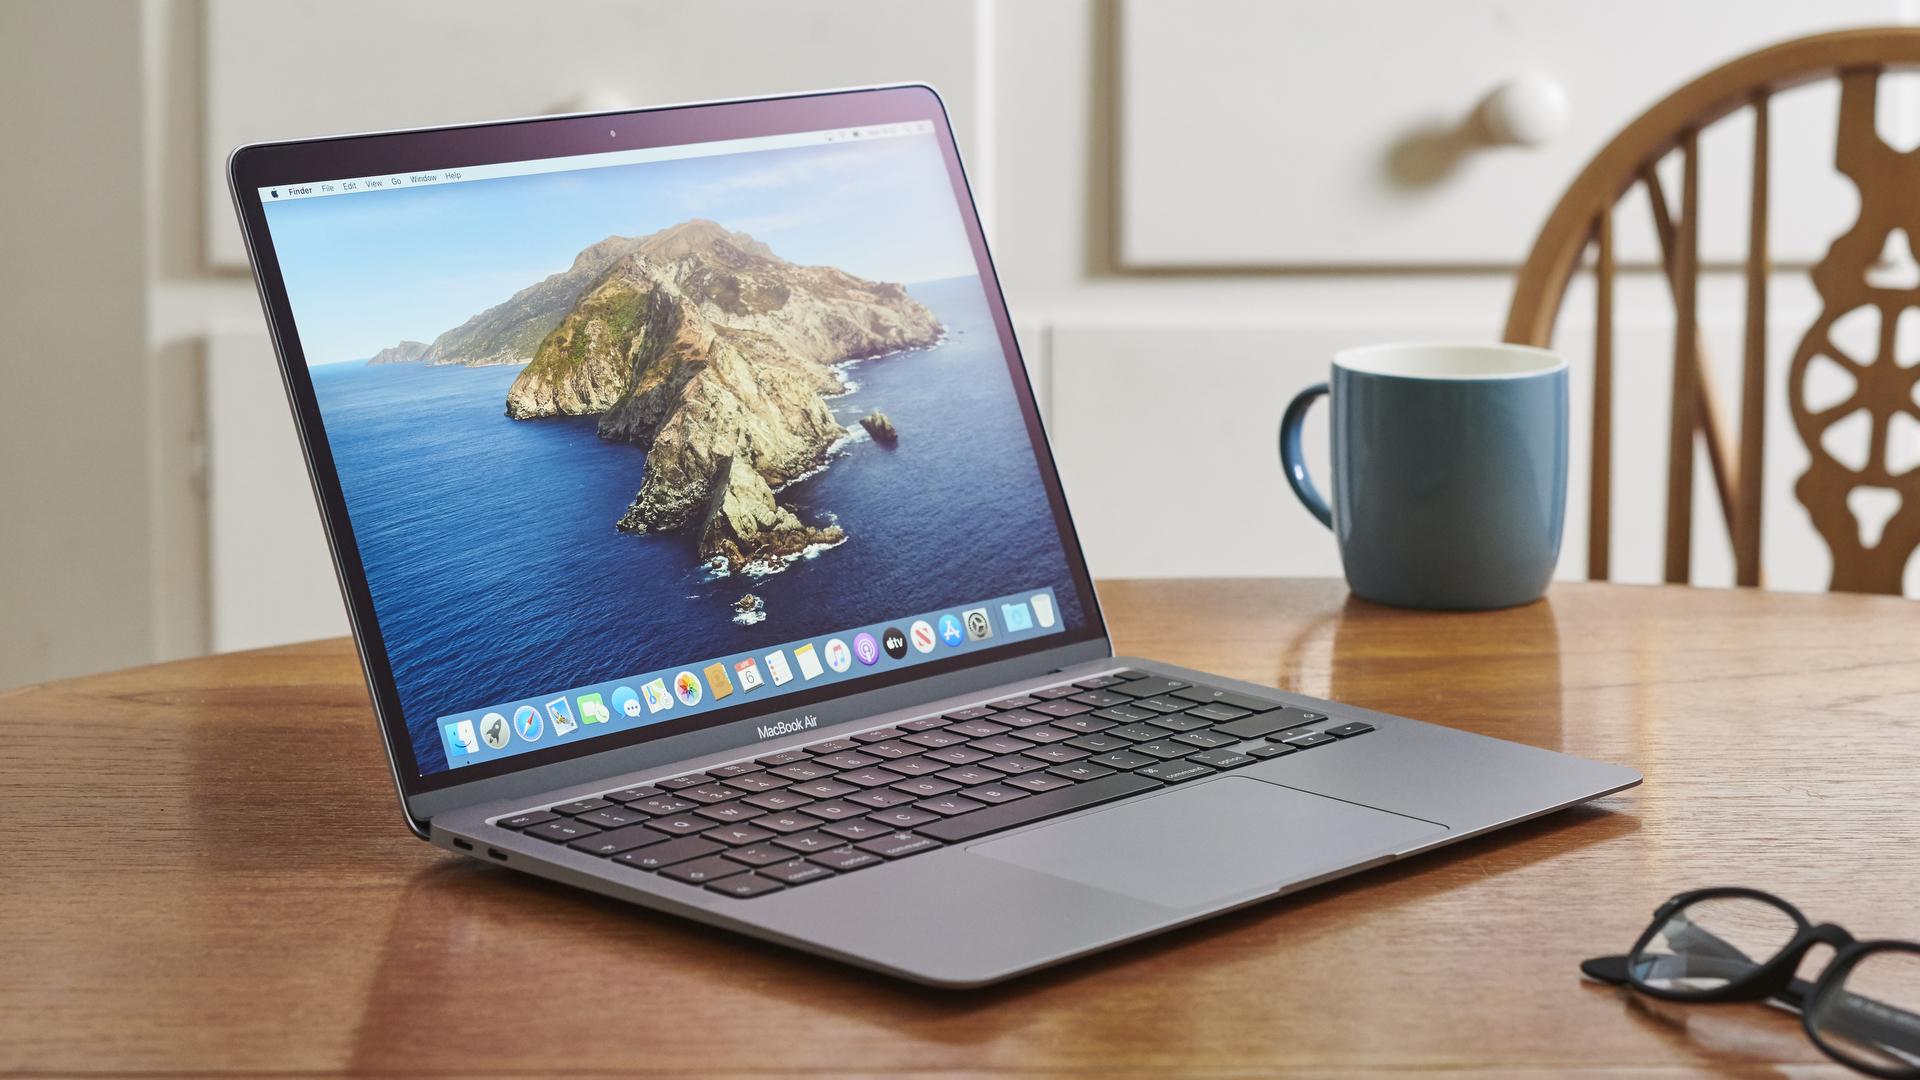 Beste laptop op dit moment - Apple Macbook Air 13 2020 wordt jaarlijks geupdate